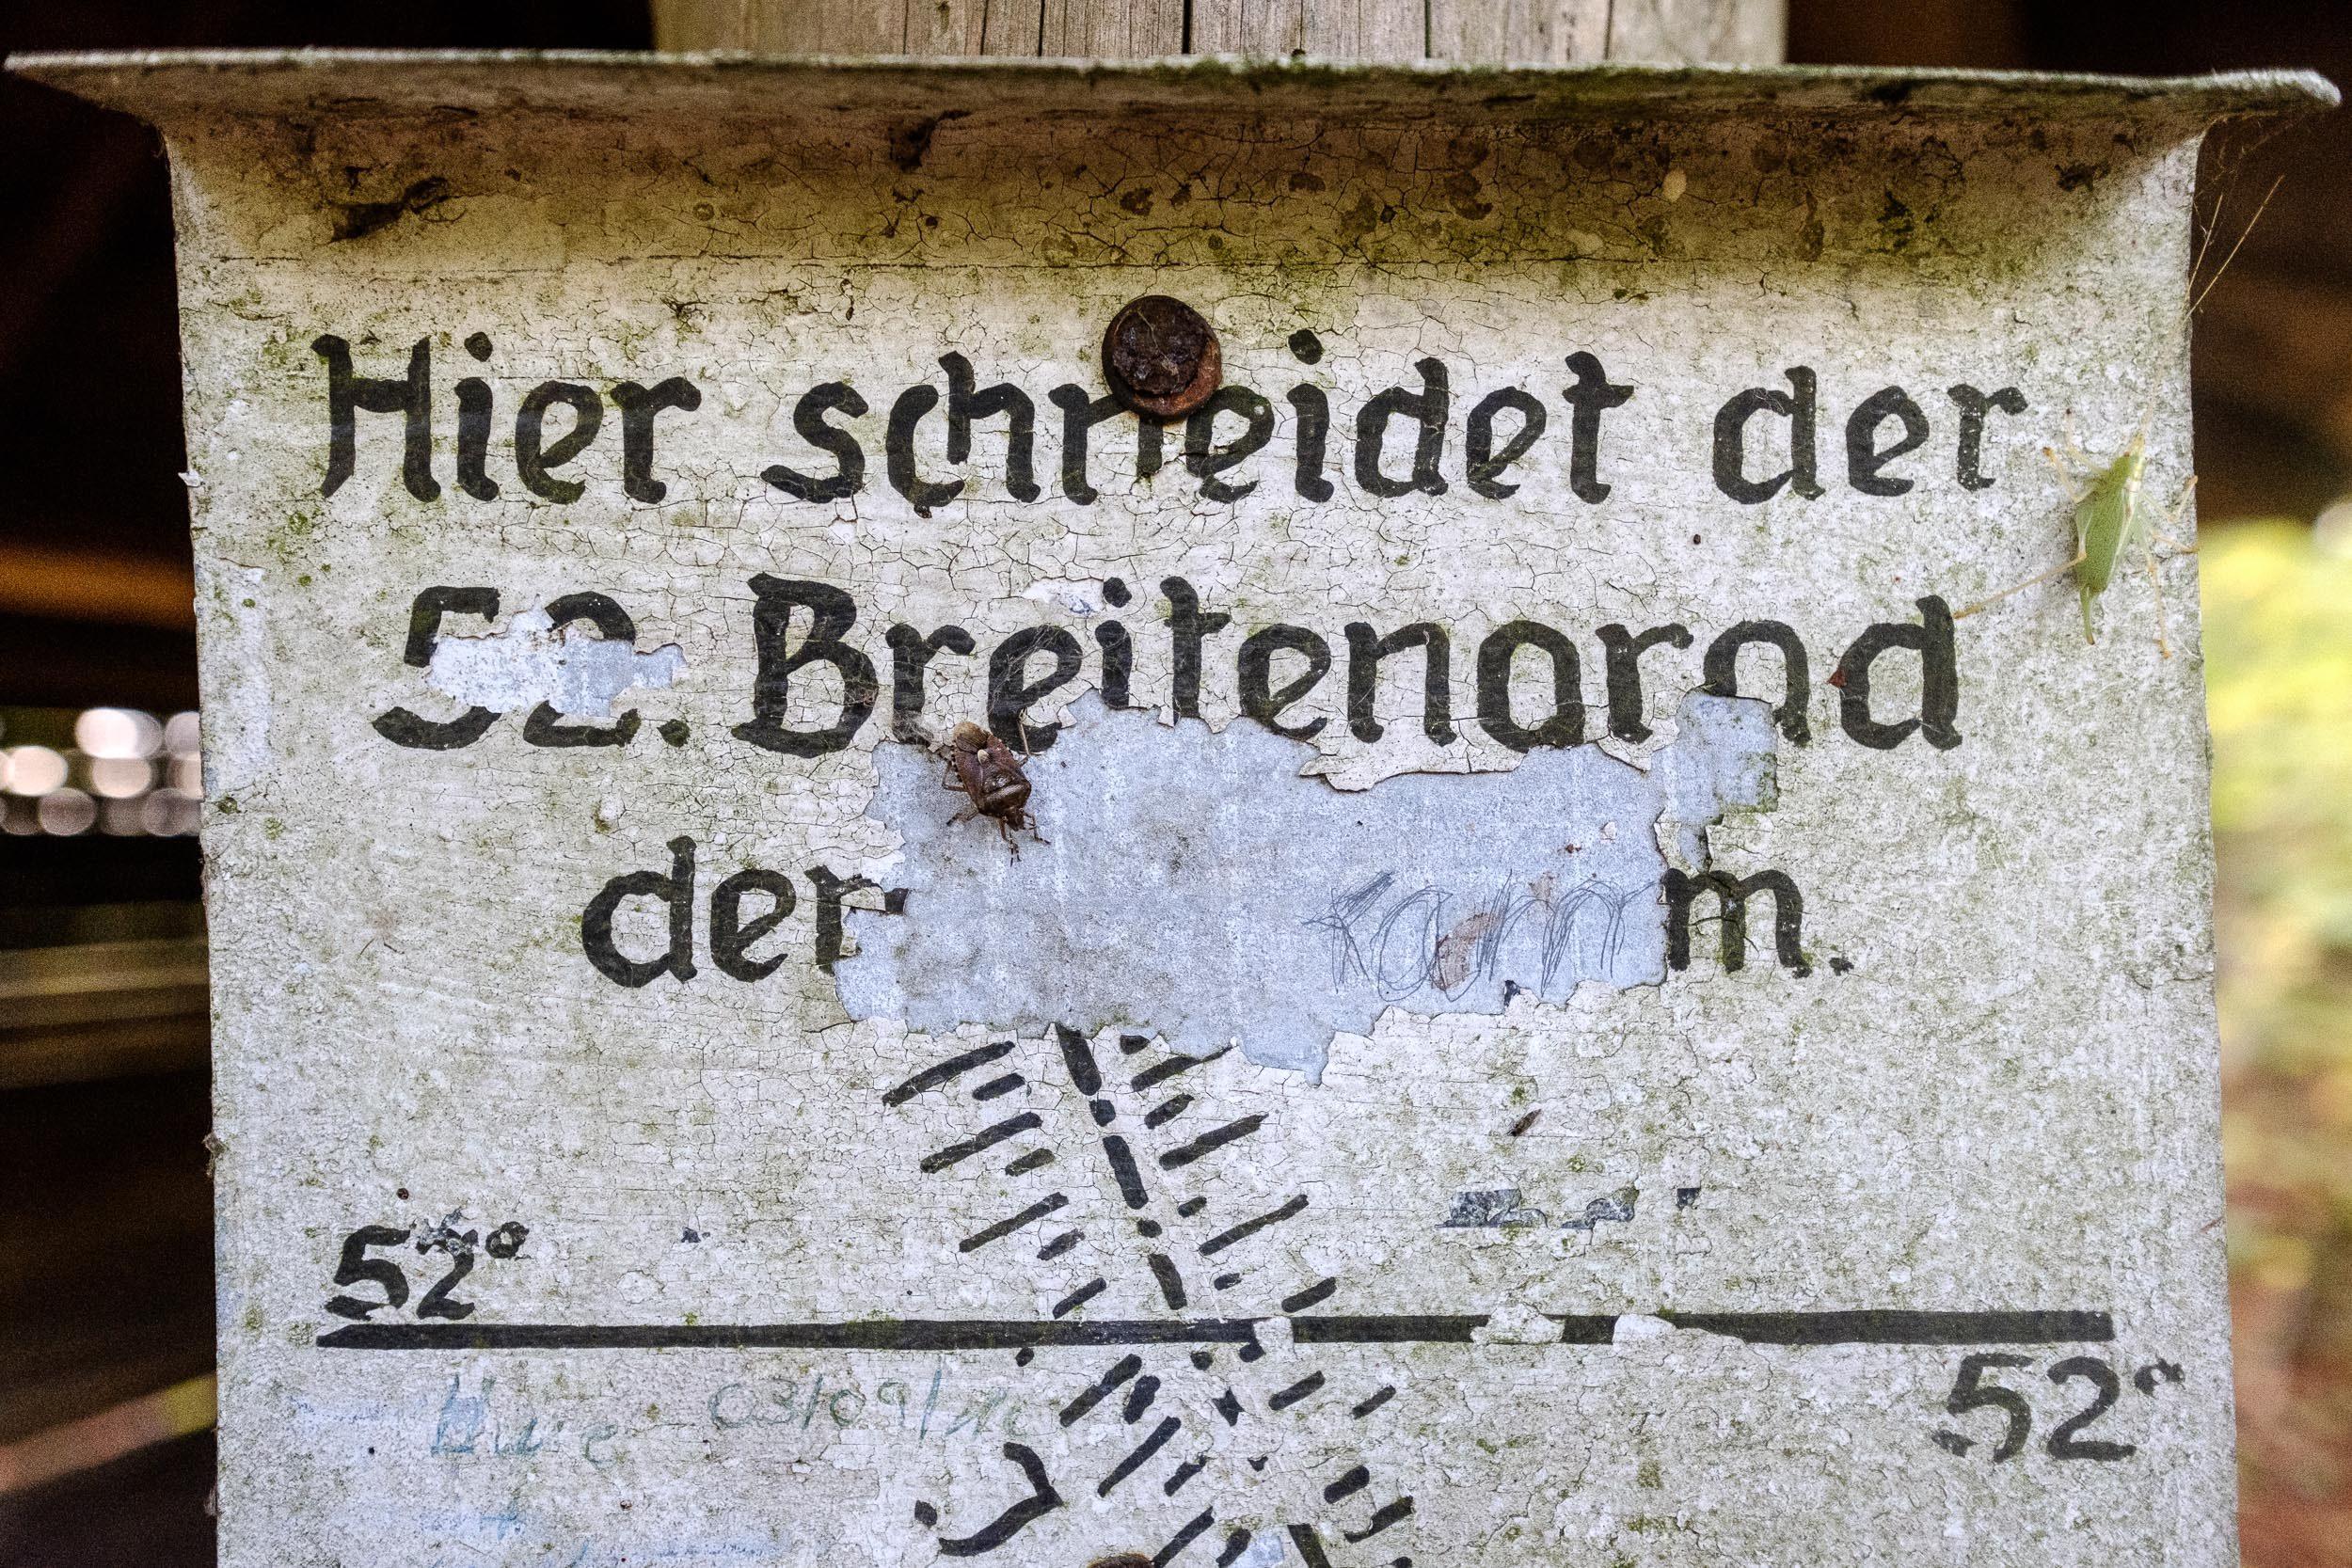 52. Breitengrad Ith Kammweg, Weser-Leine-Bergland